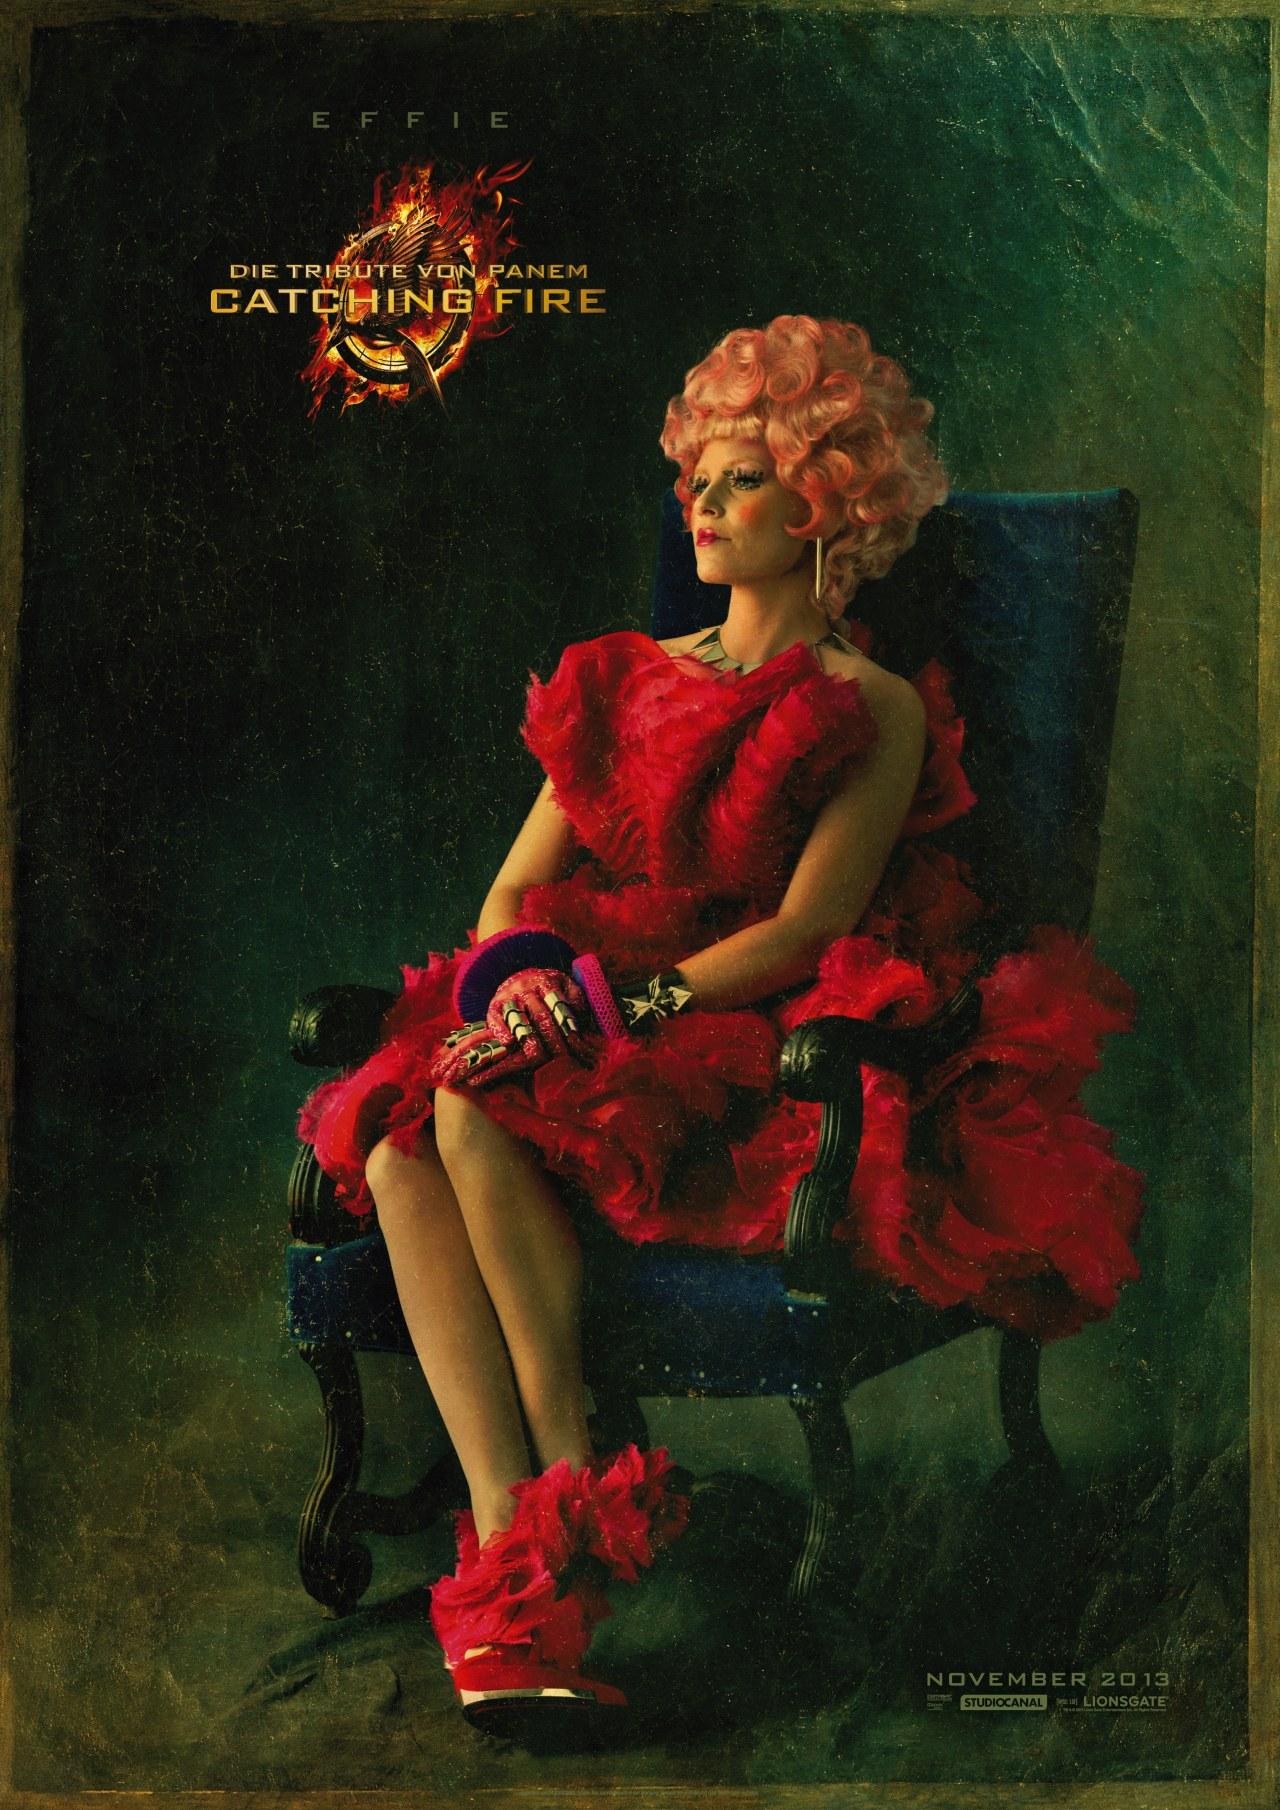 Die Tribute von Panem - Catching Fire - Bild 5